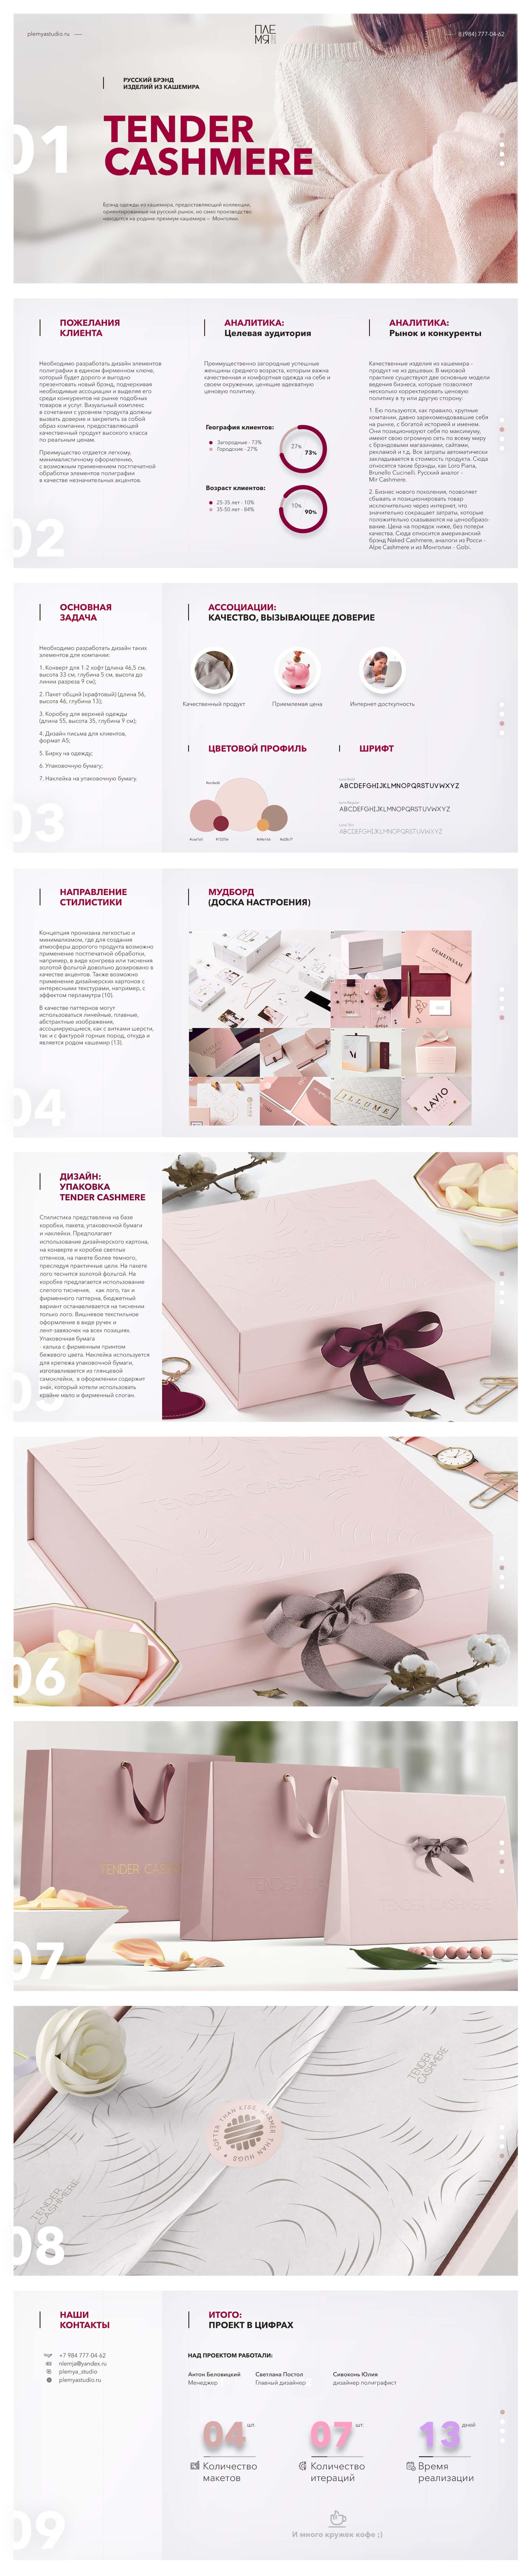 Разработка дизайна конверта, пакета общего, коробки для верхней одежды, письма для клиентов, бирки на одежду и других